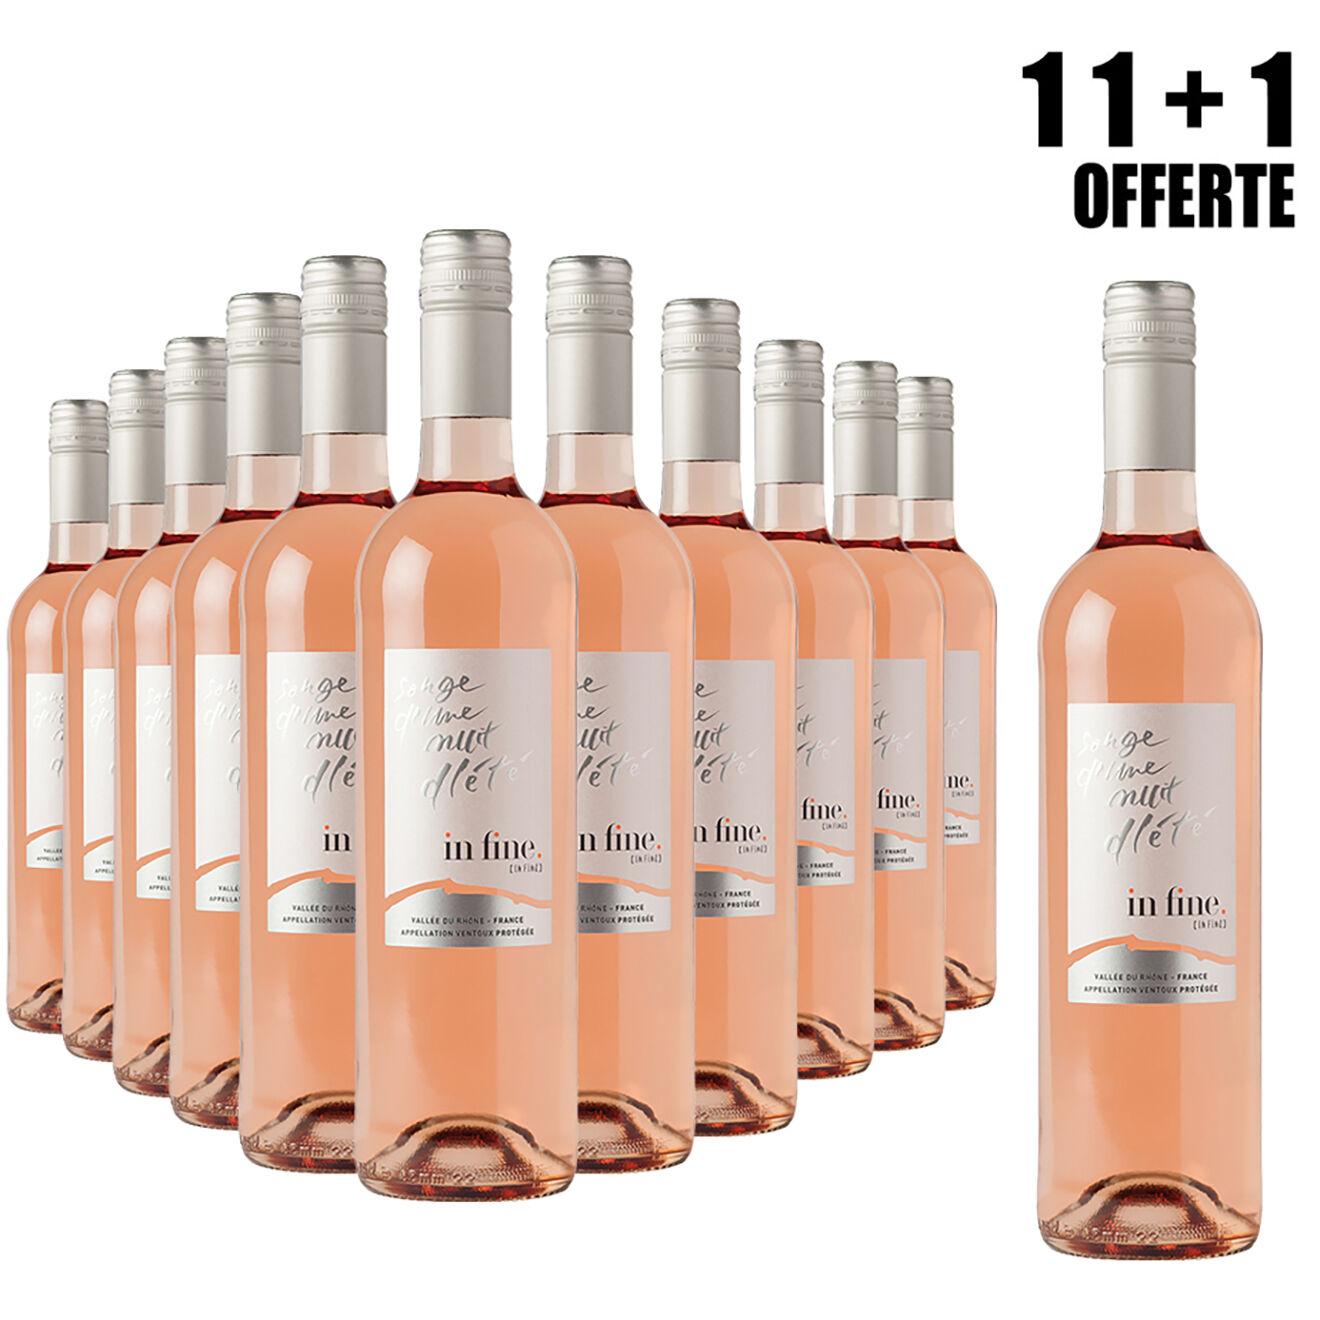 Lot de 11 Ventoux rosé 2018 Cascavel 75cl + 1 Offerte